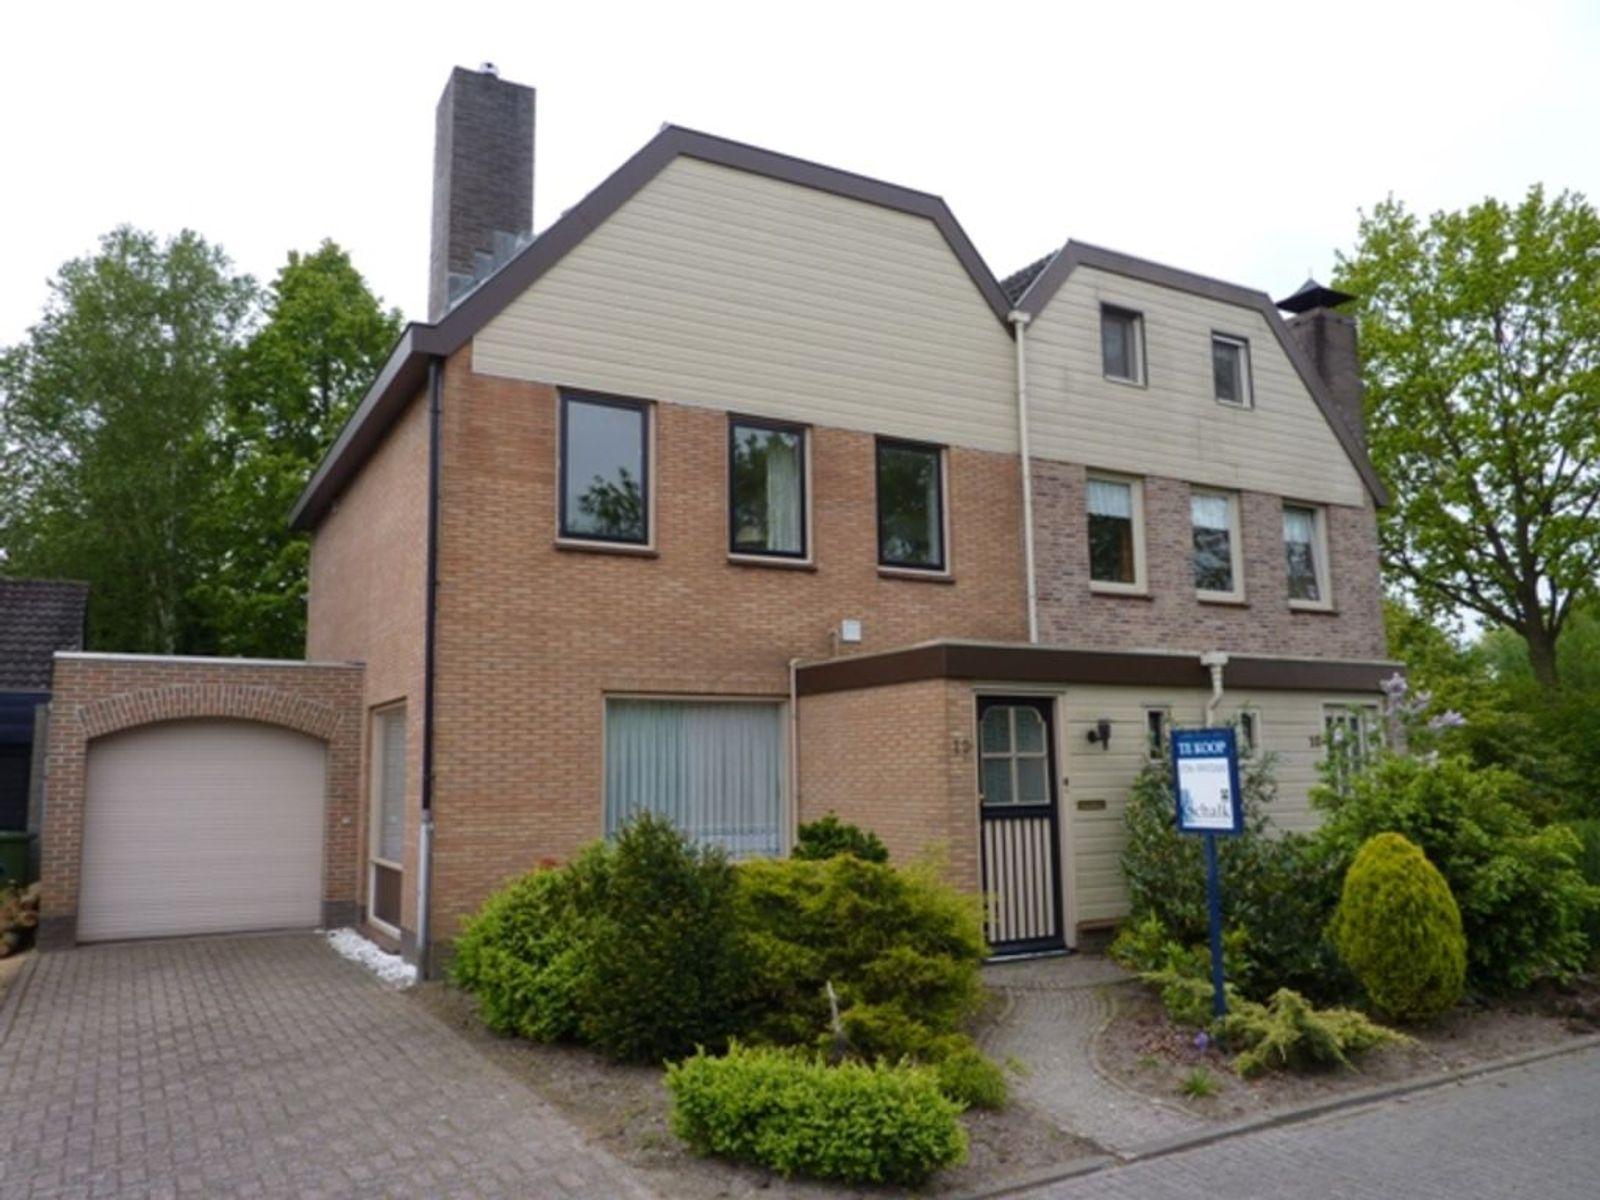 HALFVRIJSTAANDE WONING Deze ruime halfvrijstaande woning met garage is gelegen op een perceel van 232 m². De woning beschikt over een aanbouw (bouwjaar 1997) aan de achterzijde van de woning waarin een zitgedeelte van de keuken is gesitueerd. Tevens beschikt de woning onder andere over een oprit en een aangelegde tuin met tuinhuis. De tuin is gelegen op het zuiden en biedt veel privacy.  BOUWAARD Bouwstijl - Traditioneel gebouw met baksteen (spouw). Dak en dakbedekking - Woning - Deels een schuin dak bedekt met pannen en deels een plat dak. Aanbouw en garage - Plat dak bedekt met bitumen. Begane grondvloer - Beton vloer. 1e verdiepingsvloer - Beton vloer. 2e verdiepingsvloer - Houten verdiepingsv loer. Isolatie - De woning is voorzien van dubbel glas. Kozijnen - Houten buitenkozijnen. Verwarming - Middels c.v.-combiketel (merk- Nefit HR Combi 22H, bouwjaar 1994). Warm water - Middels c.v.-combiketel (merk- Nefit HR Combi 22H, bouwjaar 1994).  INDELING BEGANE GROND- De voorentree/hal biedt toegang tot de woonkamer en het toilet en middels een trapopgang is de 1e verdieping bereikbaar. De ruimte is voorzien van vloertegels en de wanden zijn afgewerkt met steenstrips. Het plafond is afgewerkt met stucwerk. In de entree bevindt zich tevens de meterkast met 7 groepen en krachtstroom;  De toiletruimte is voorzien van een tegelv loer, de wanden zijn betegeld tot circa 1,20 m¹ met daarboven stucwerk. Het plafond is afgewerkt met MDF platen. Buiten het closet is de ruimte uitgerust met een fonteintje;  De woonkamer is voorzien van vloertegels, de wanden zijn voorzien van steenstrips. Het plafond is afgewerkt met stucwerk met spotverlichting en een met een sierlijst. De ruime kamer staat in open verbinding met de keuken. Middels een bar staat de woonkamer in verbinding met de aanbouw. In deze ruimte is een sfeervolle inbouwkachel aanwezig;  De woonkeuken is deels in de aanbouw gesitueerd. Vanuit de keuken is er toegang naar de praktische kelderkast. De ruimte is voorzien van 